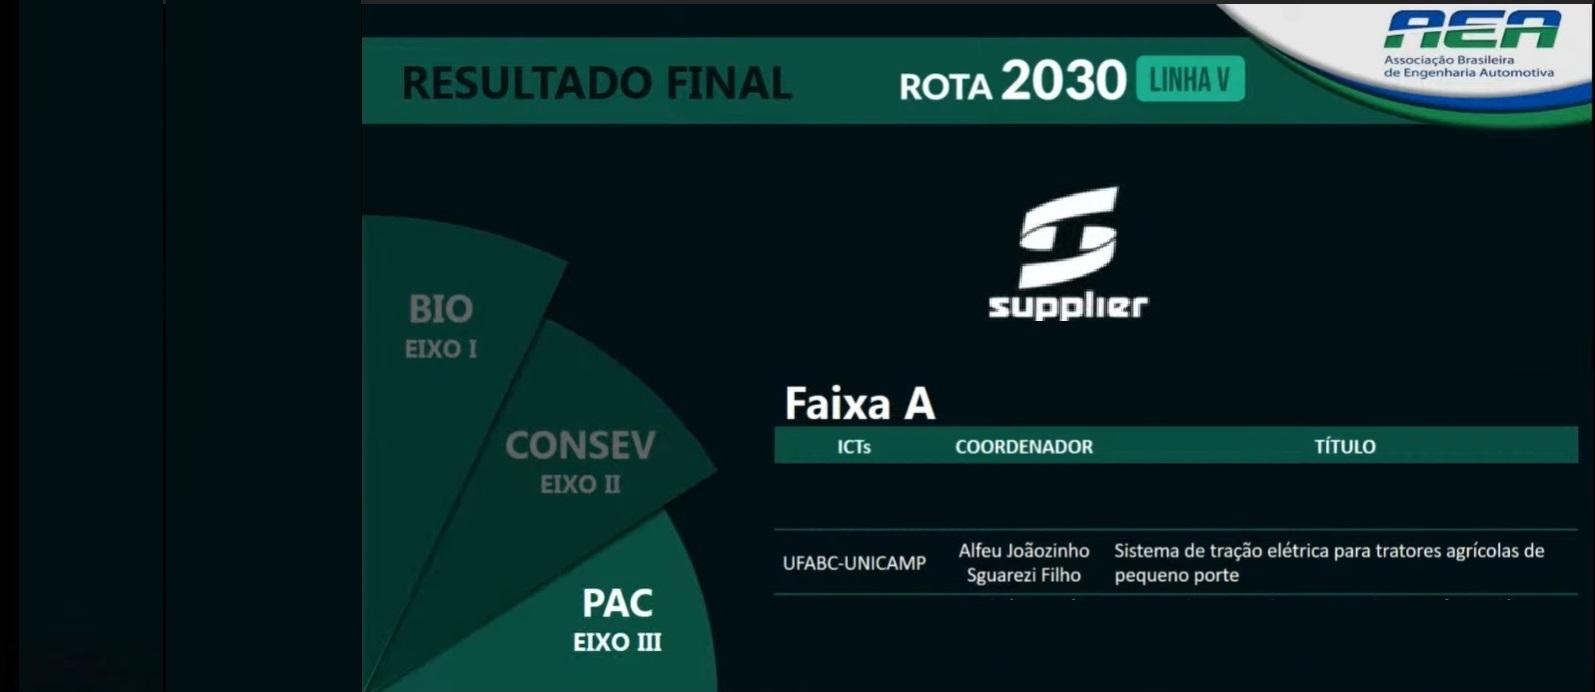 Projeto apoiado pela SUPPLIER está entre os aprovados no ROTA 2030